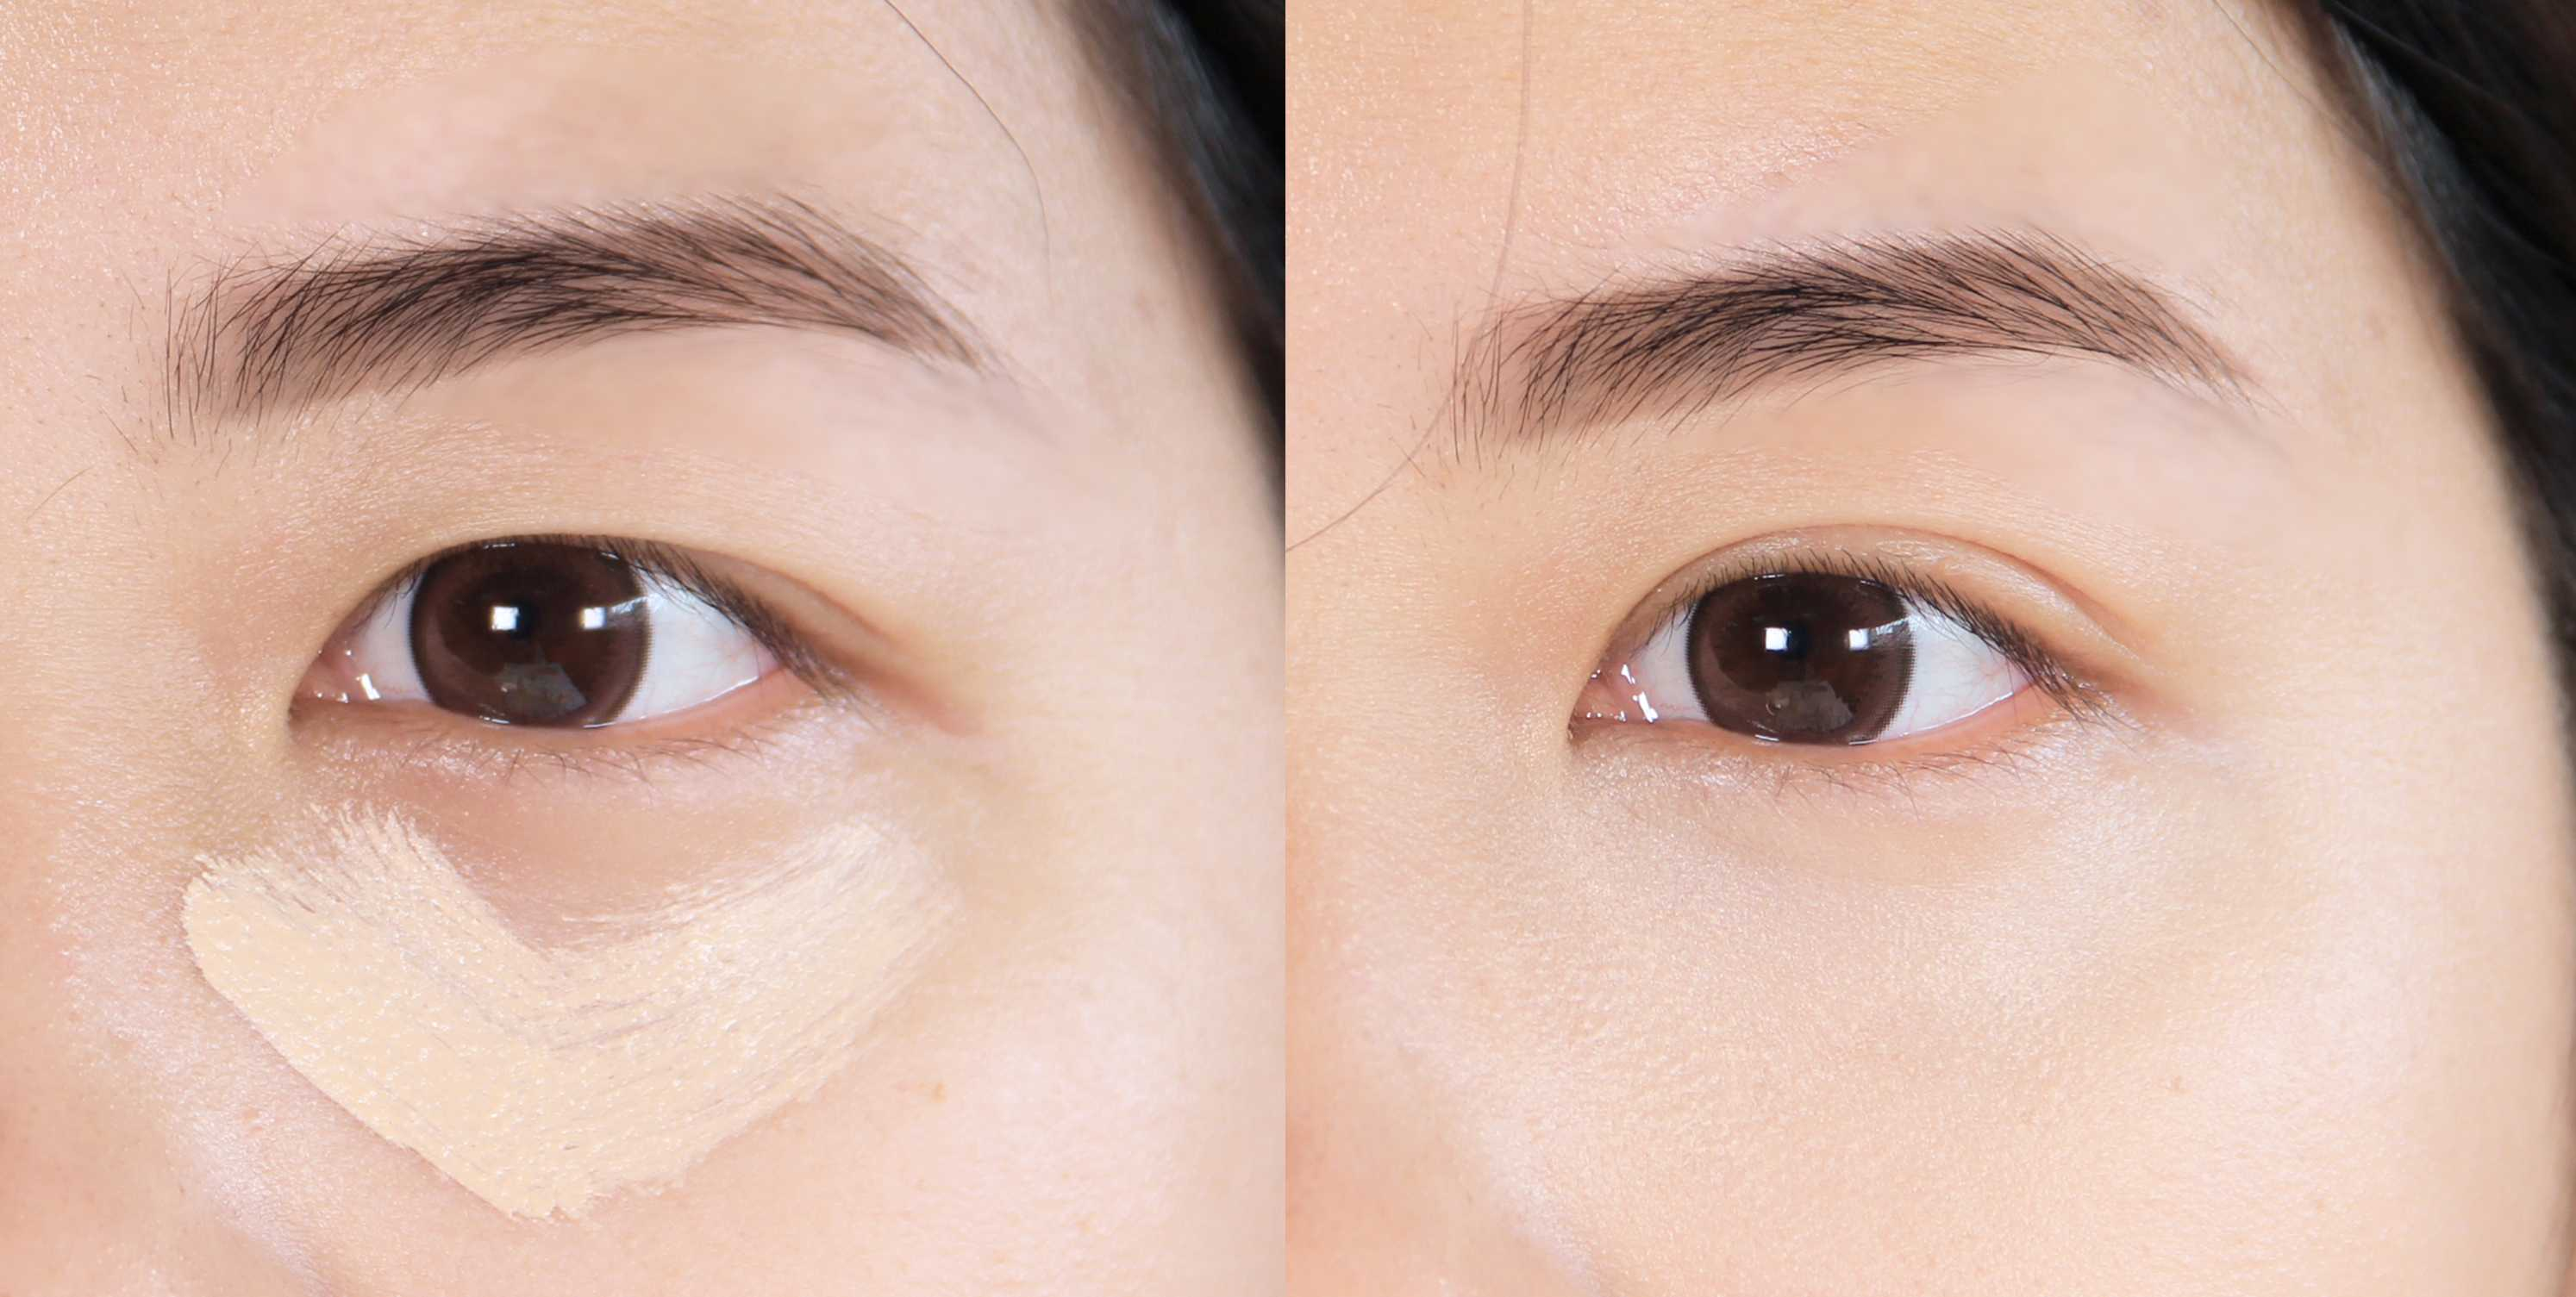 而如果是黑眼圈比較嚴重、或是想追求更高遮瑕度的完美妝感,可以把點壓方式改成直接塗抹上妝,遮瑕力就會大大的提升!